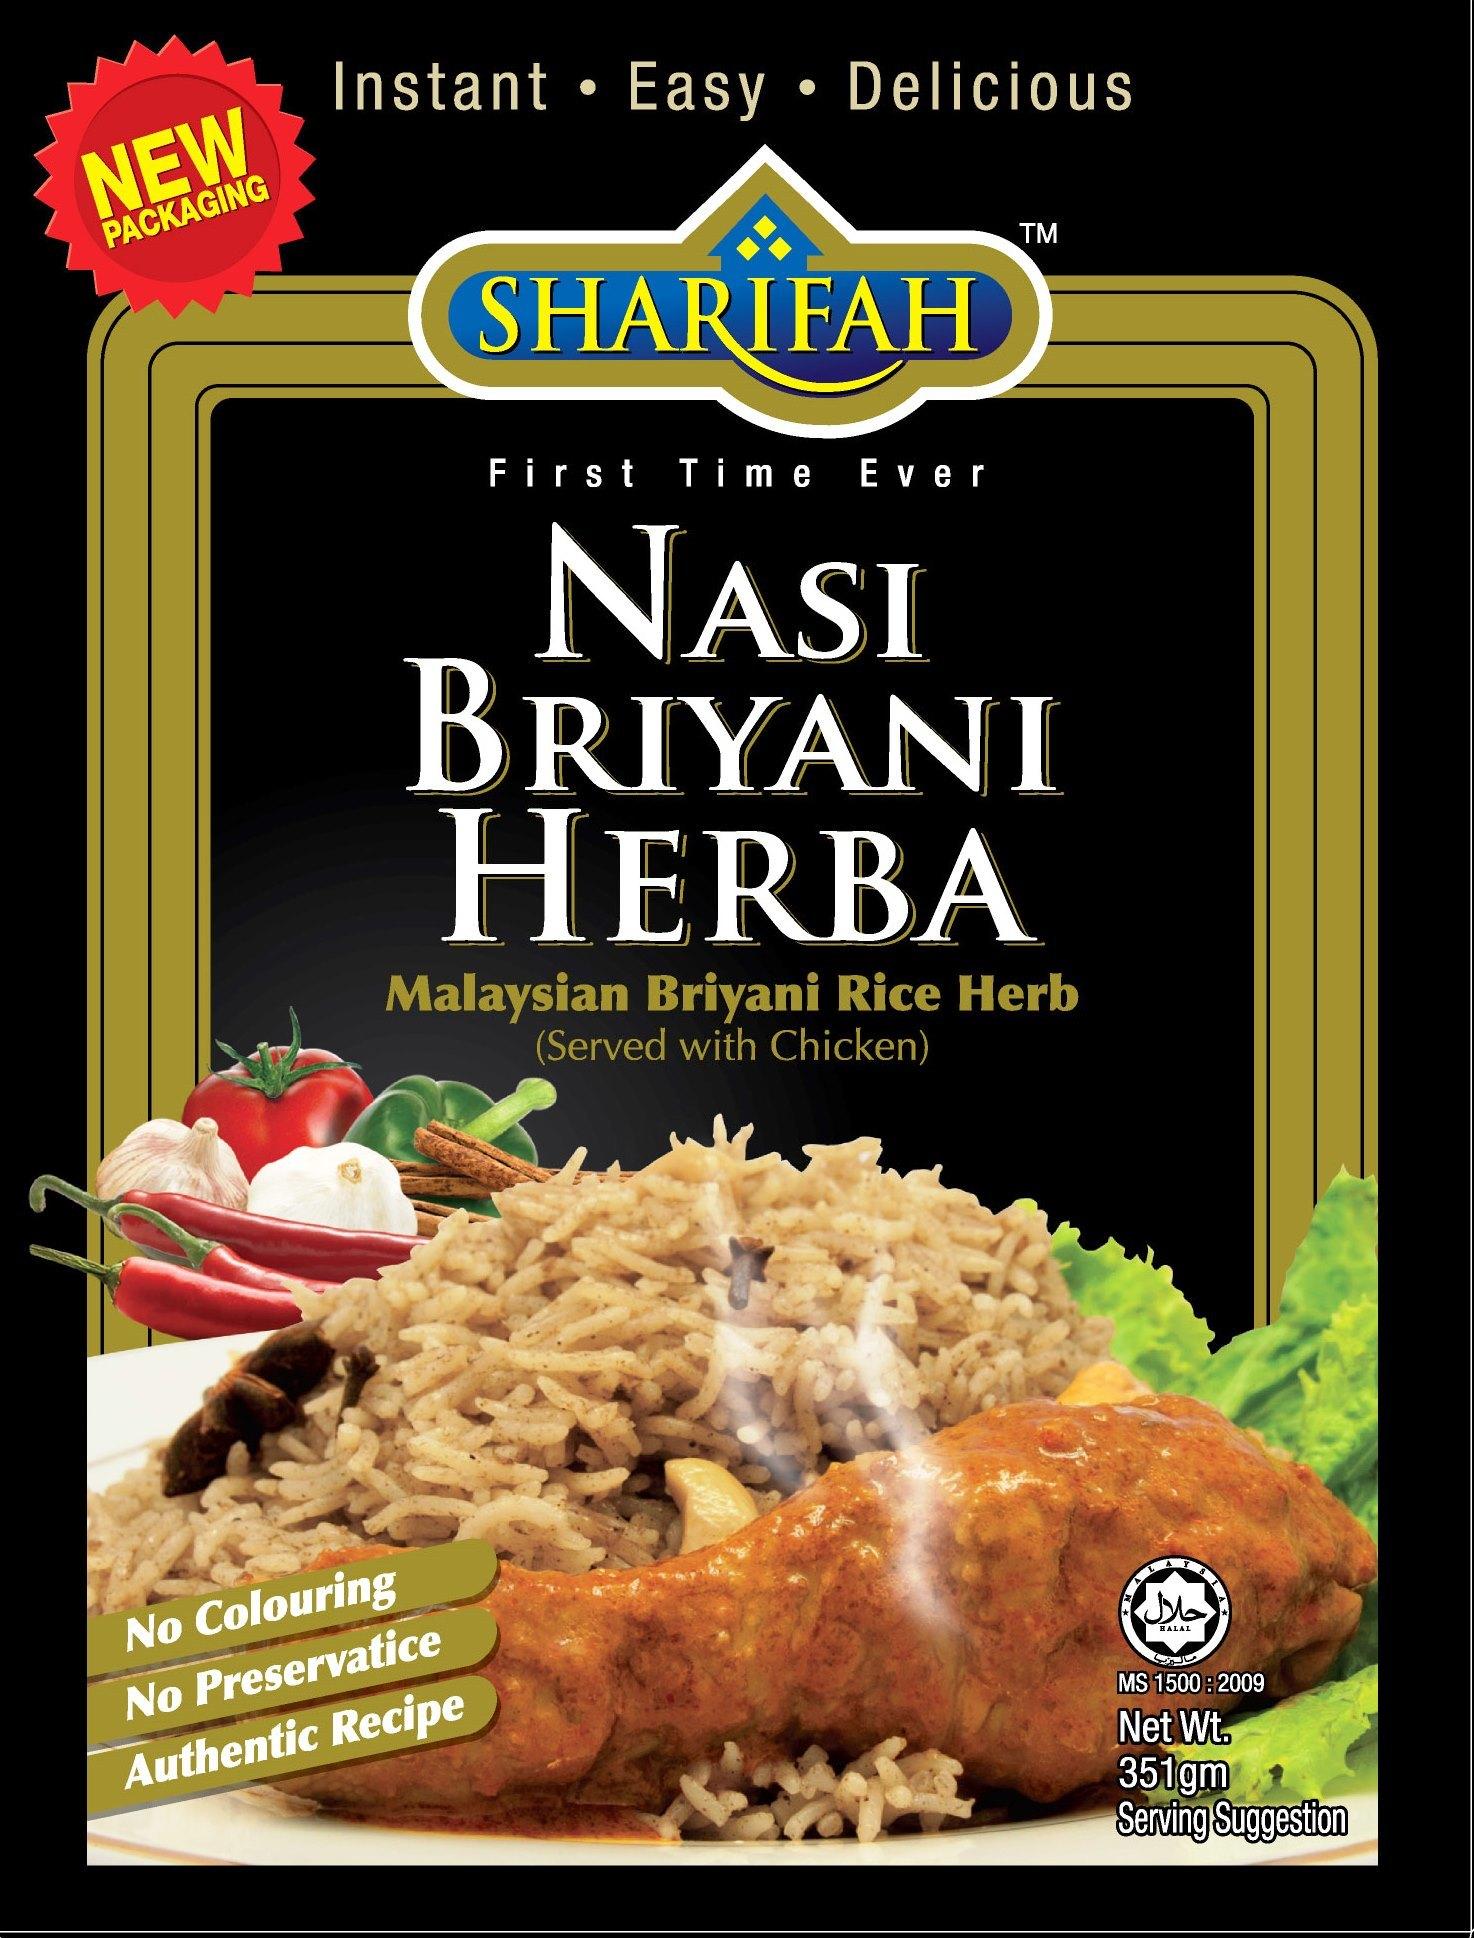 Sharifah-Briyani-Herba.jpg